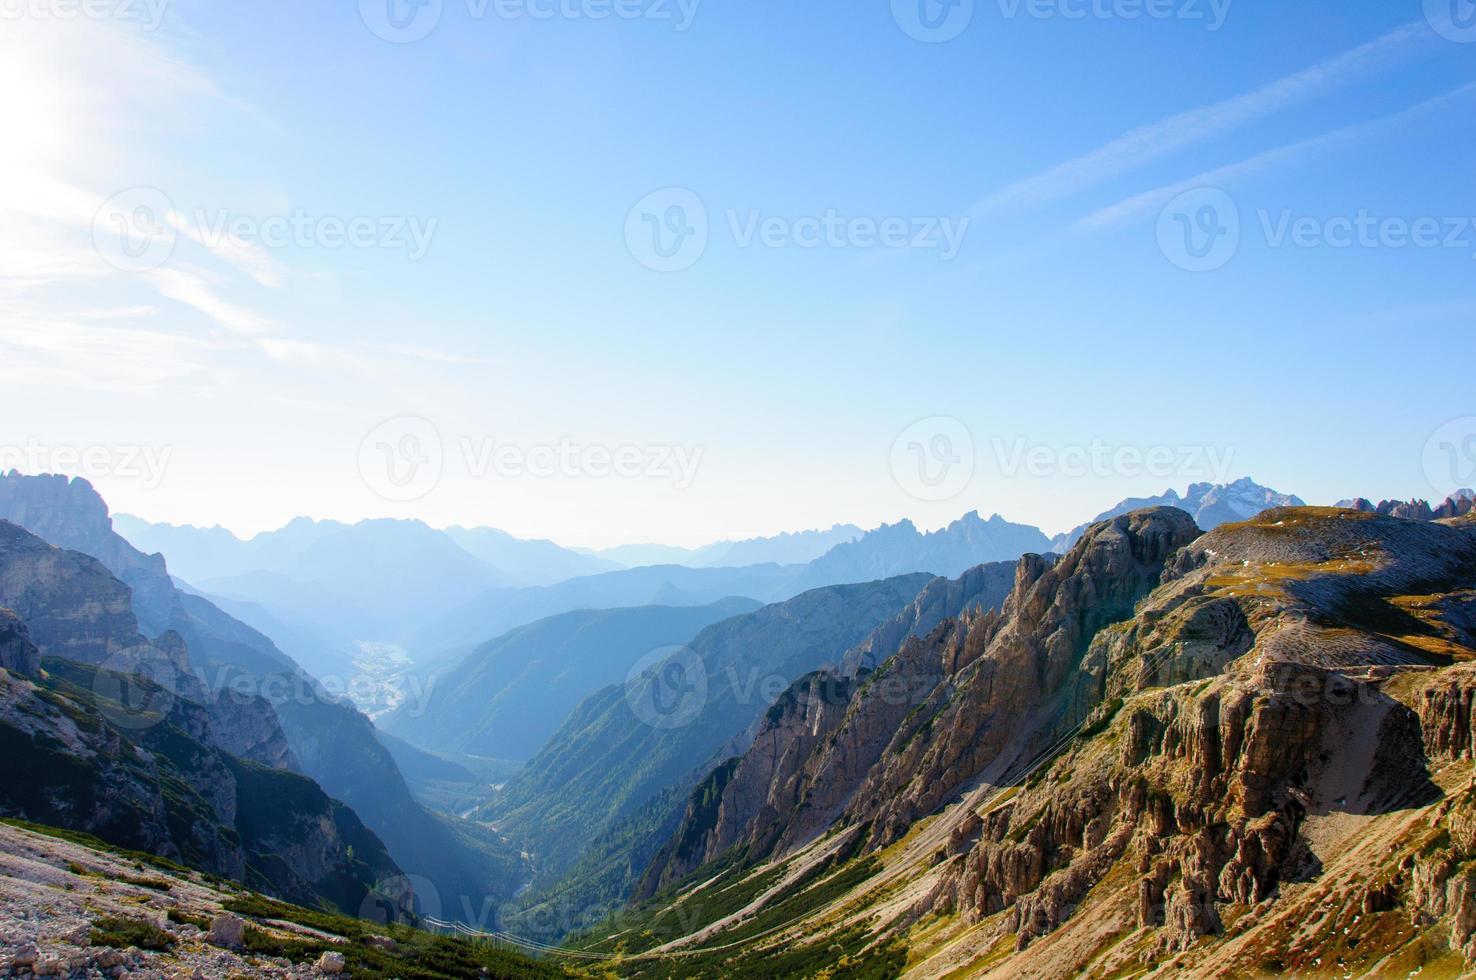 paesaggio alpino foto